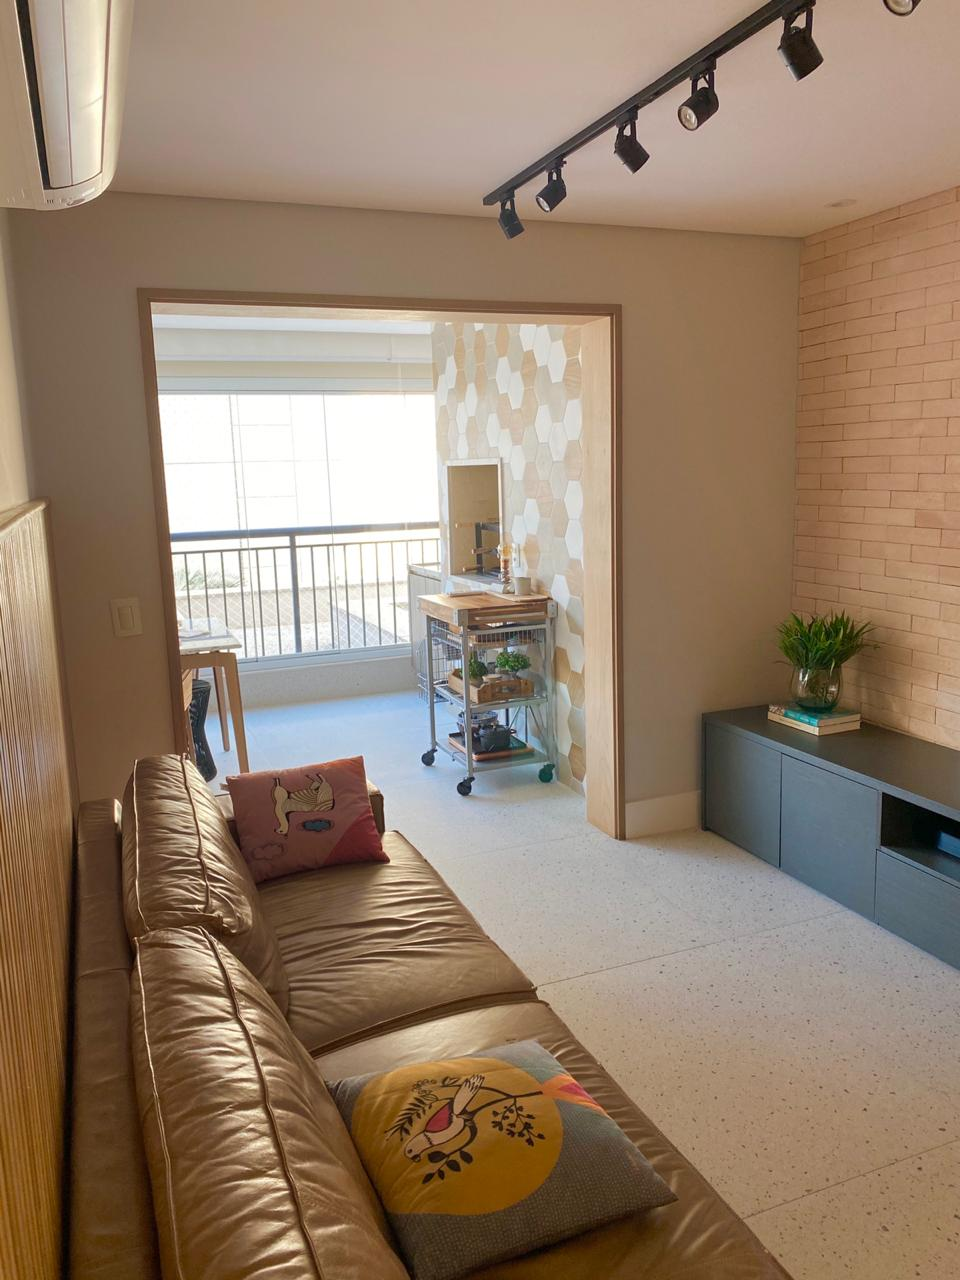 Ipiranga, Apartamento Padrão-Sala 2 ambientes com piso cerâmica Portinari, sanca de gesso e iluminação embutida, ar condicionado e acesso à varanda